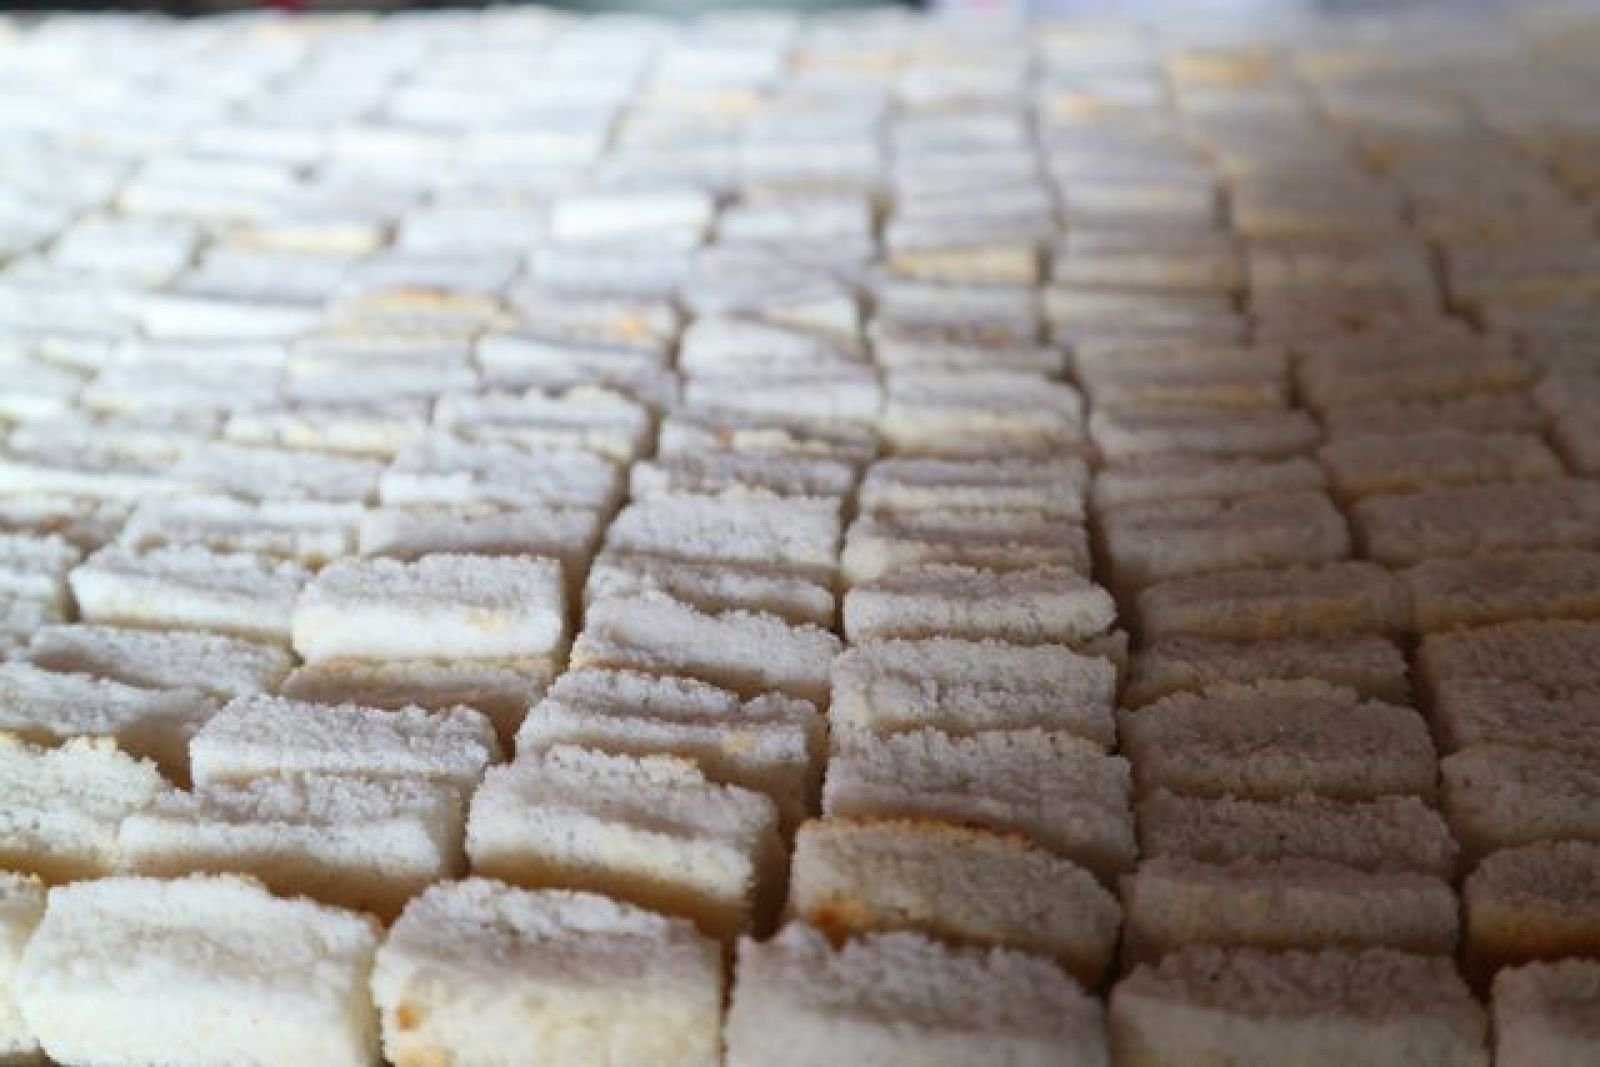 Lớp bánh trong được cho vào khuôn rồi hấp, sau đó để một ngày cho bánh bớt hơi nóng sẽ xốp và giòn hơn